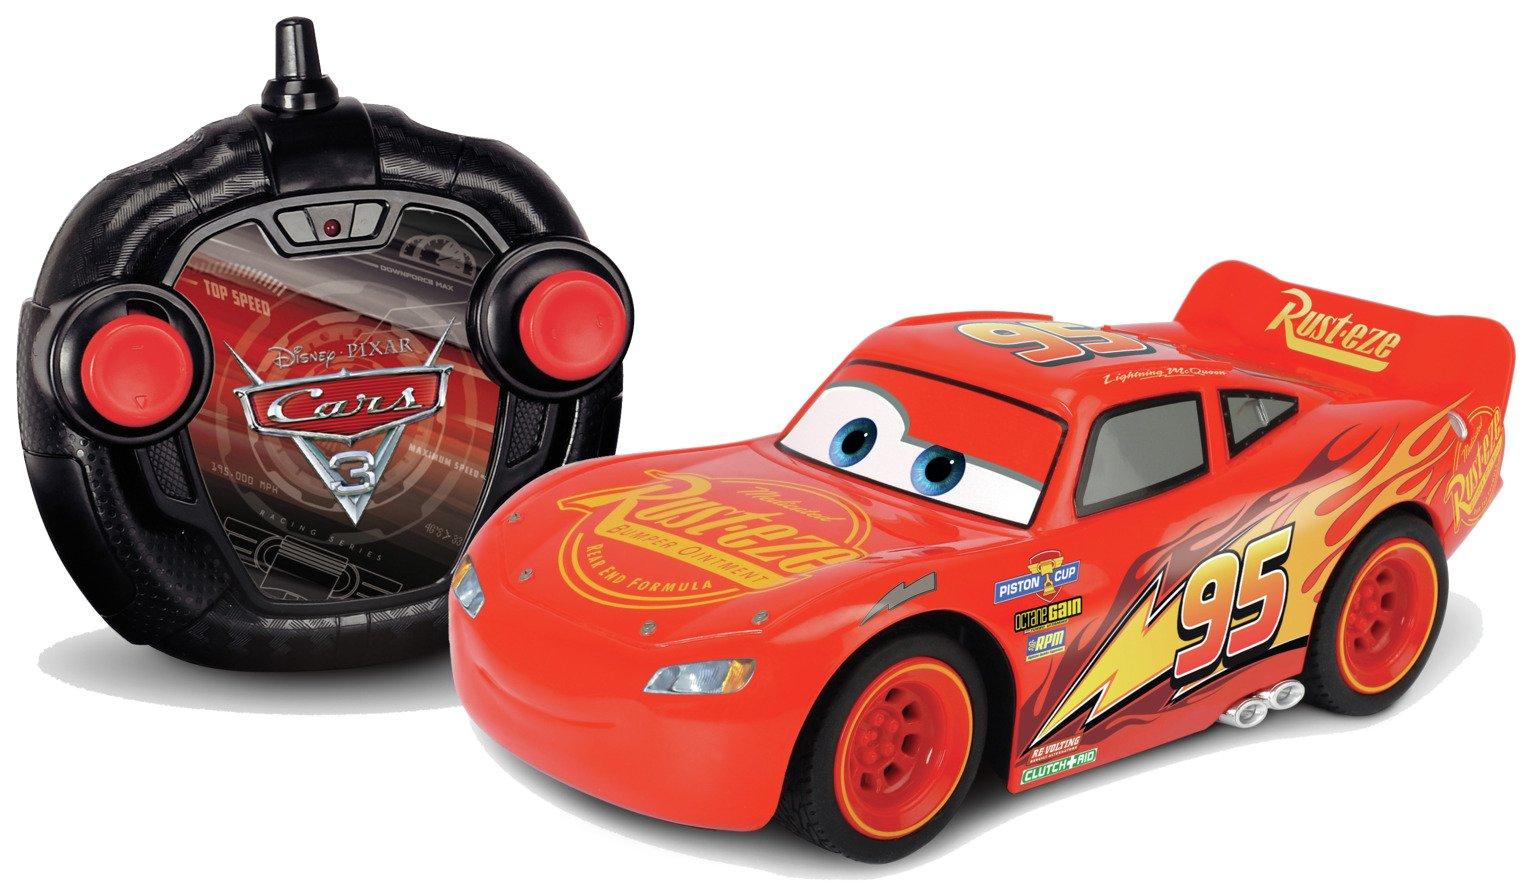 Cars 3 Lightning McQueen RC Turbo Racer Car 1:24